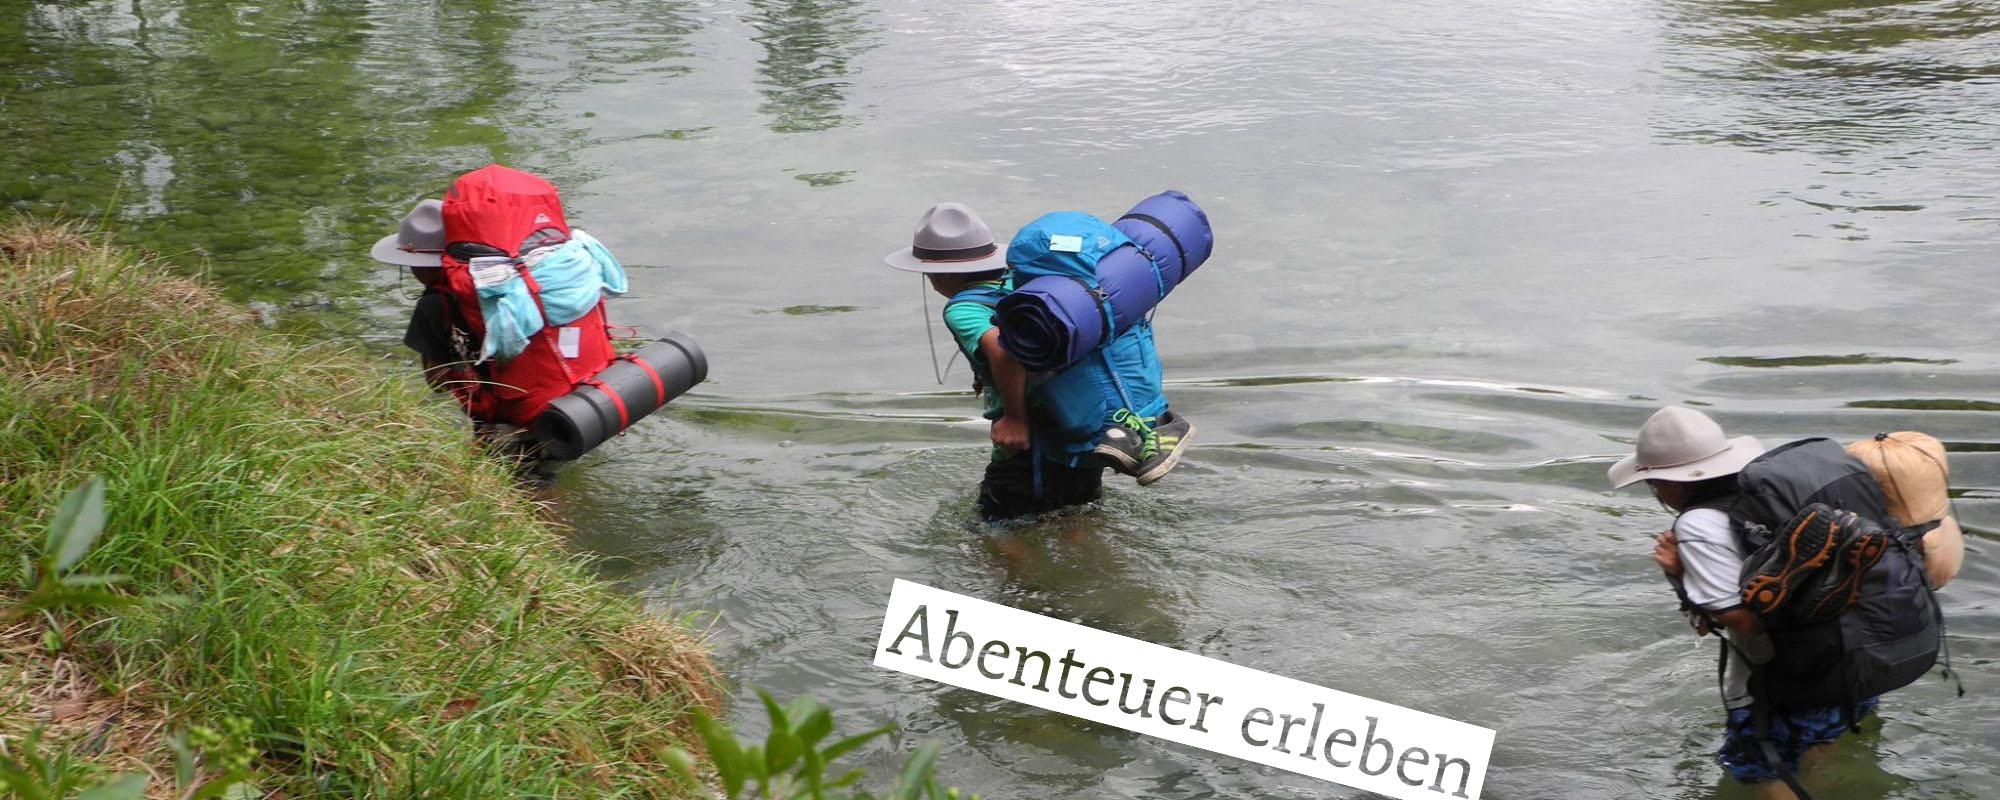 Abenteuer Erleben